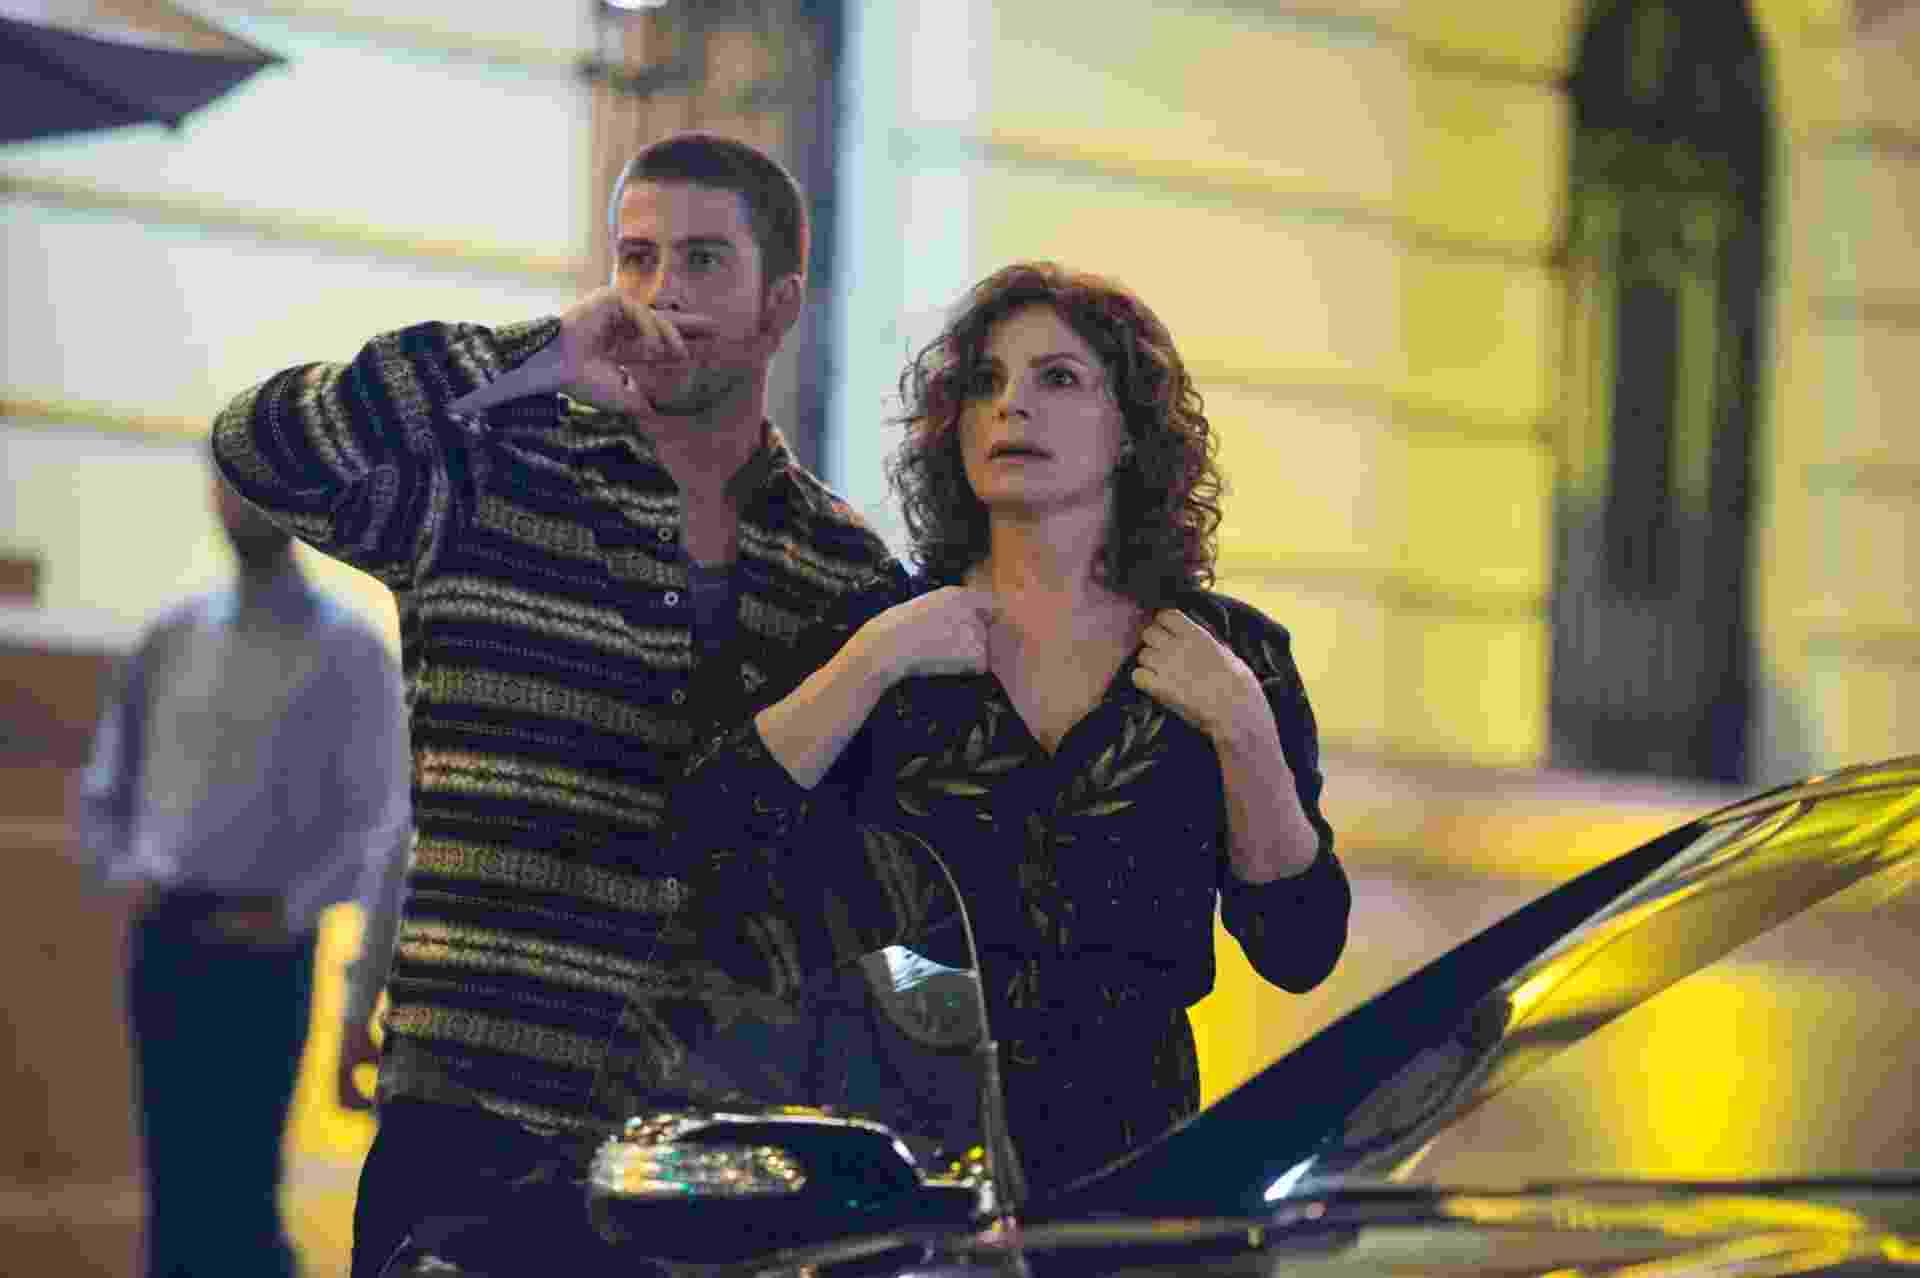 Segunda: Elisa (Debora Bloch) e Téo (Pedro Nercessian) deixam um restaurante e escutam uma batida. Na mesma rua, mais adiante, eles veem o corpo de uma mulher no asfalto e o carro que a atropelou fugindo - Estevam Avellar/Globo